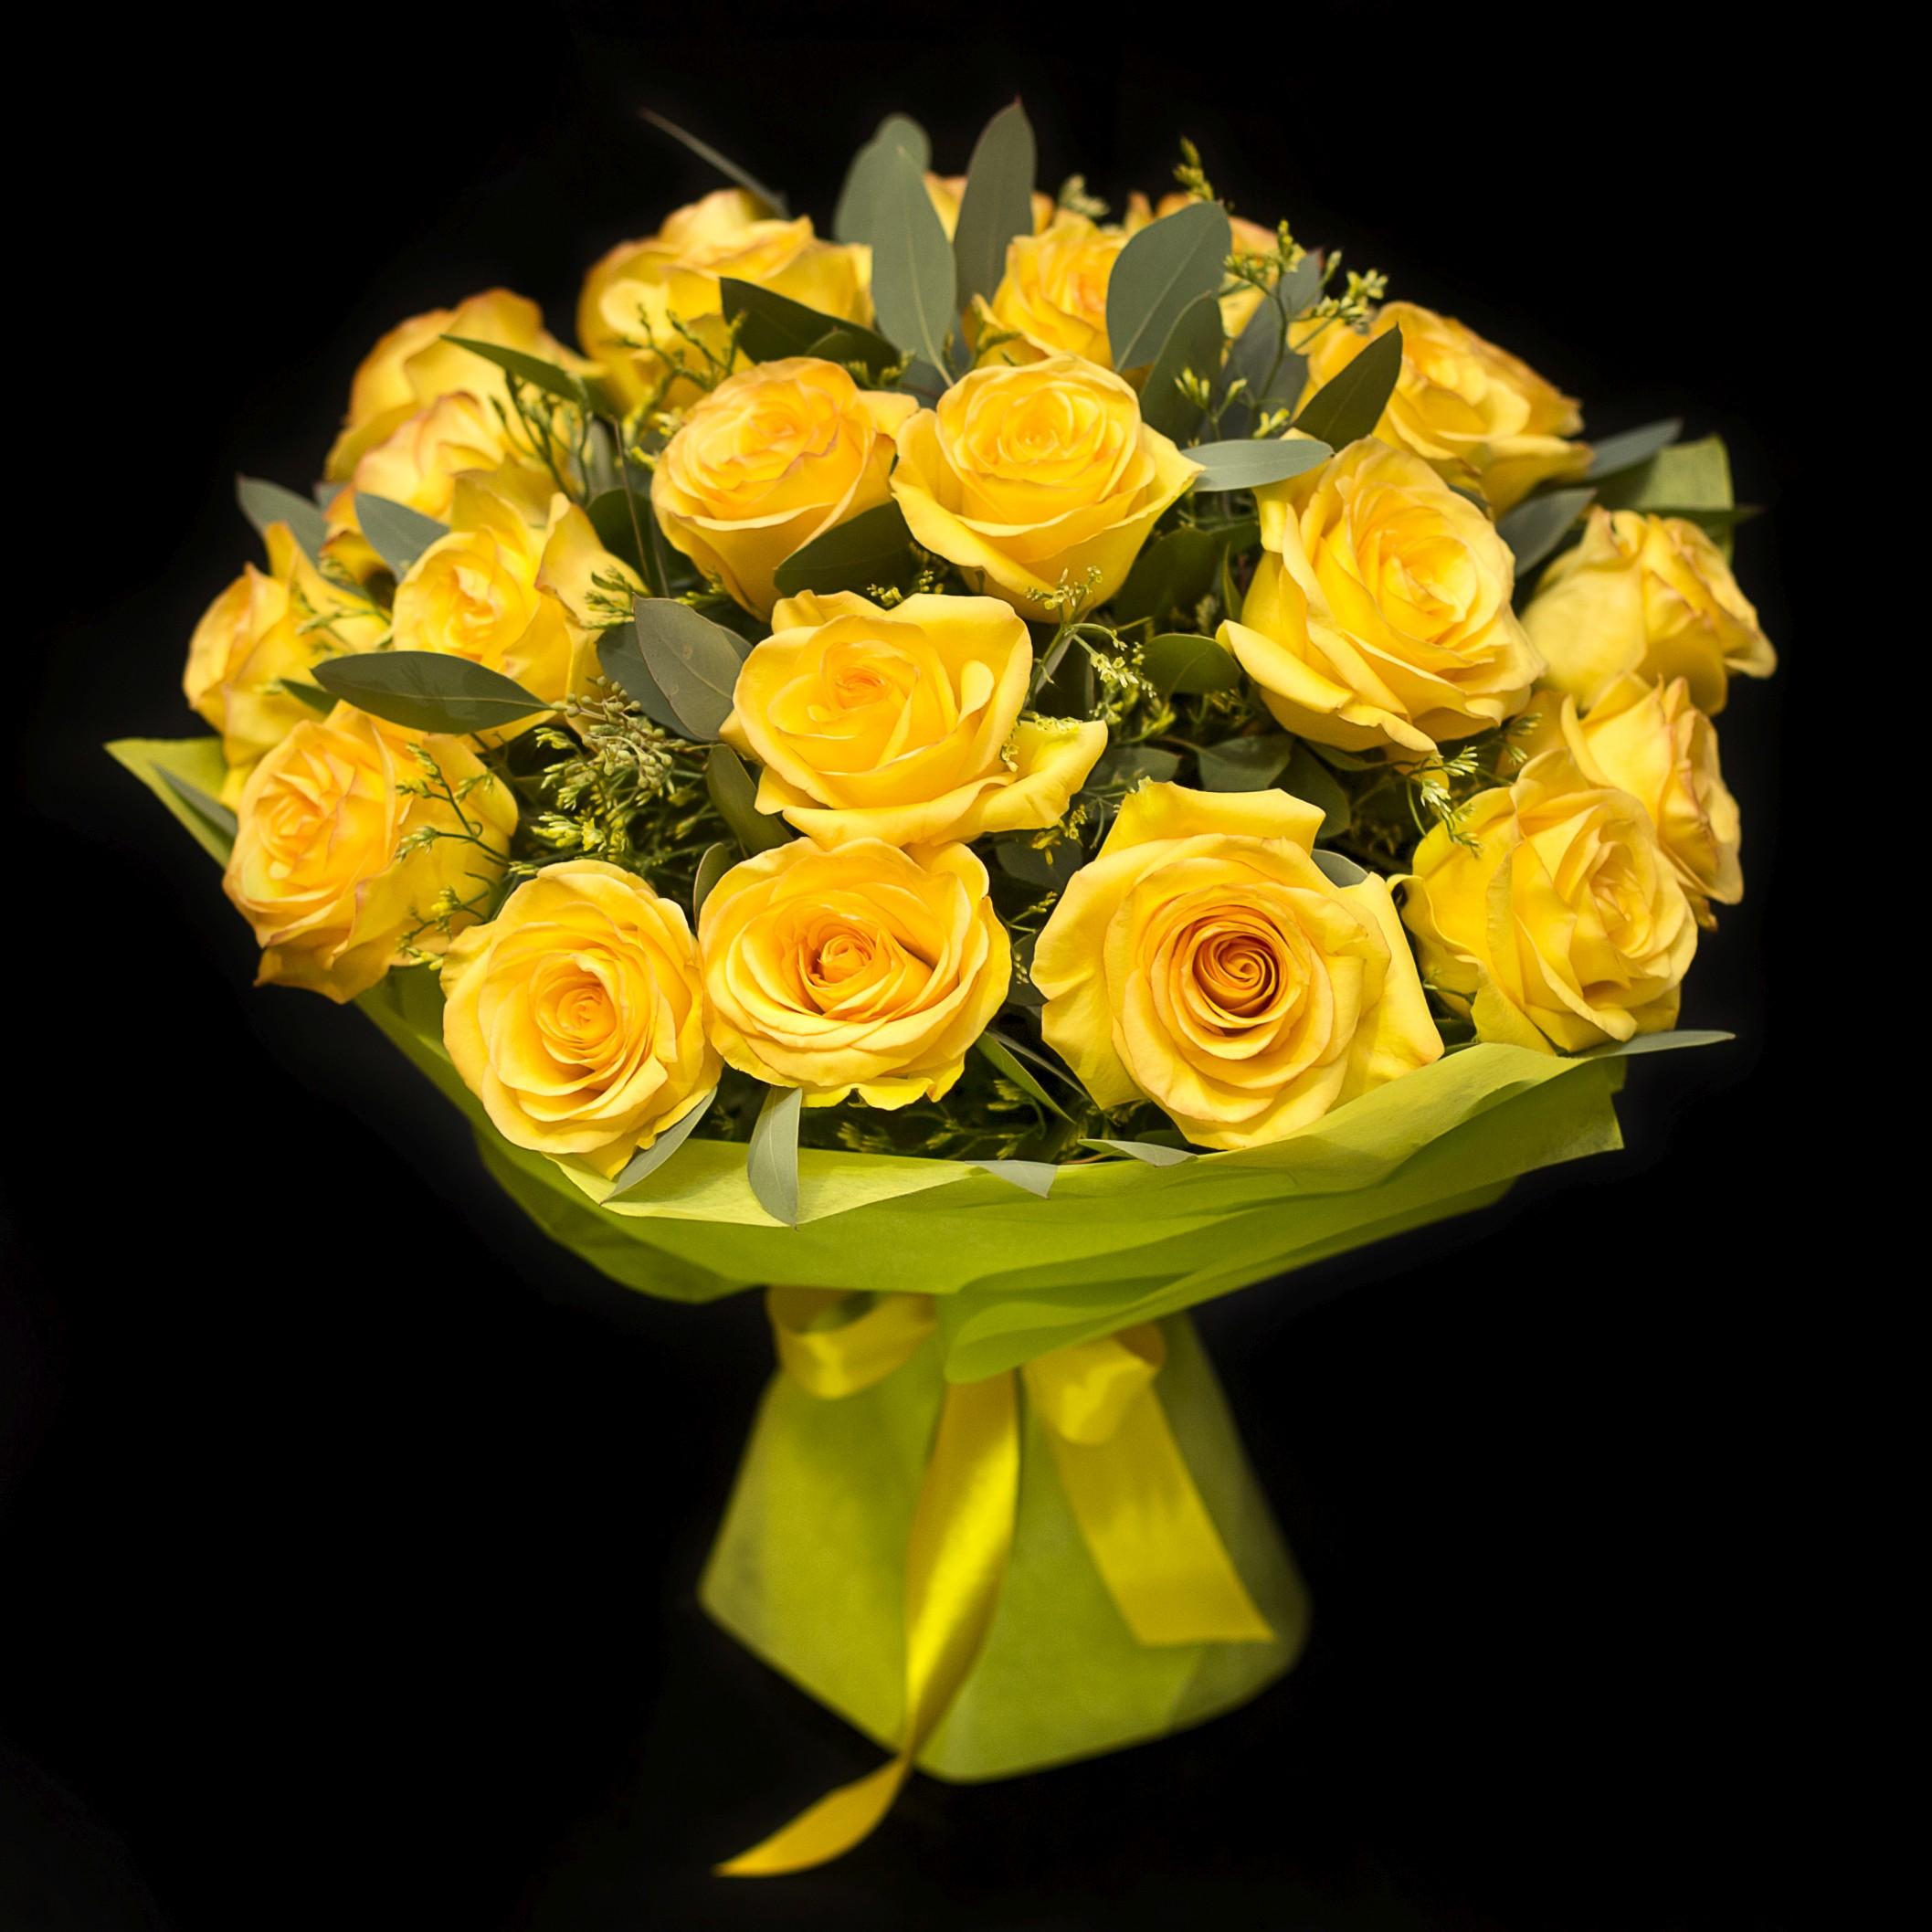 Огромный букет желтых роз фото